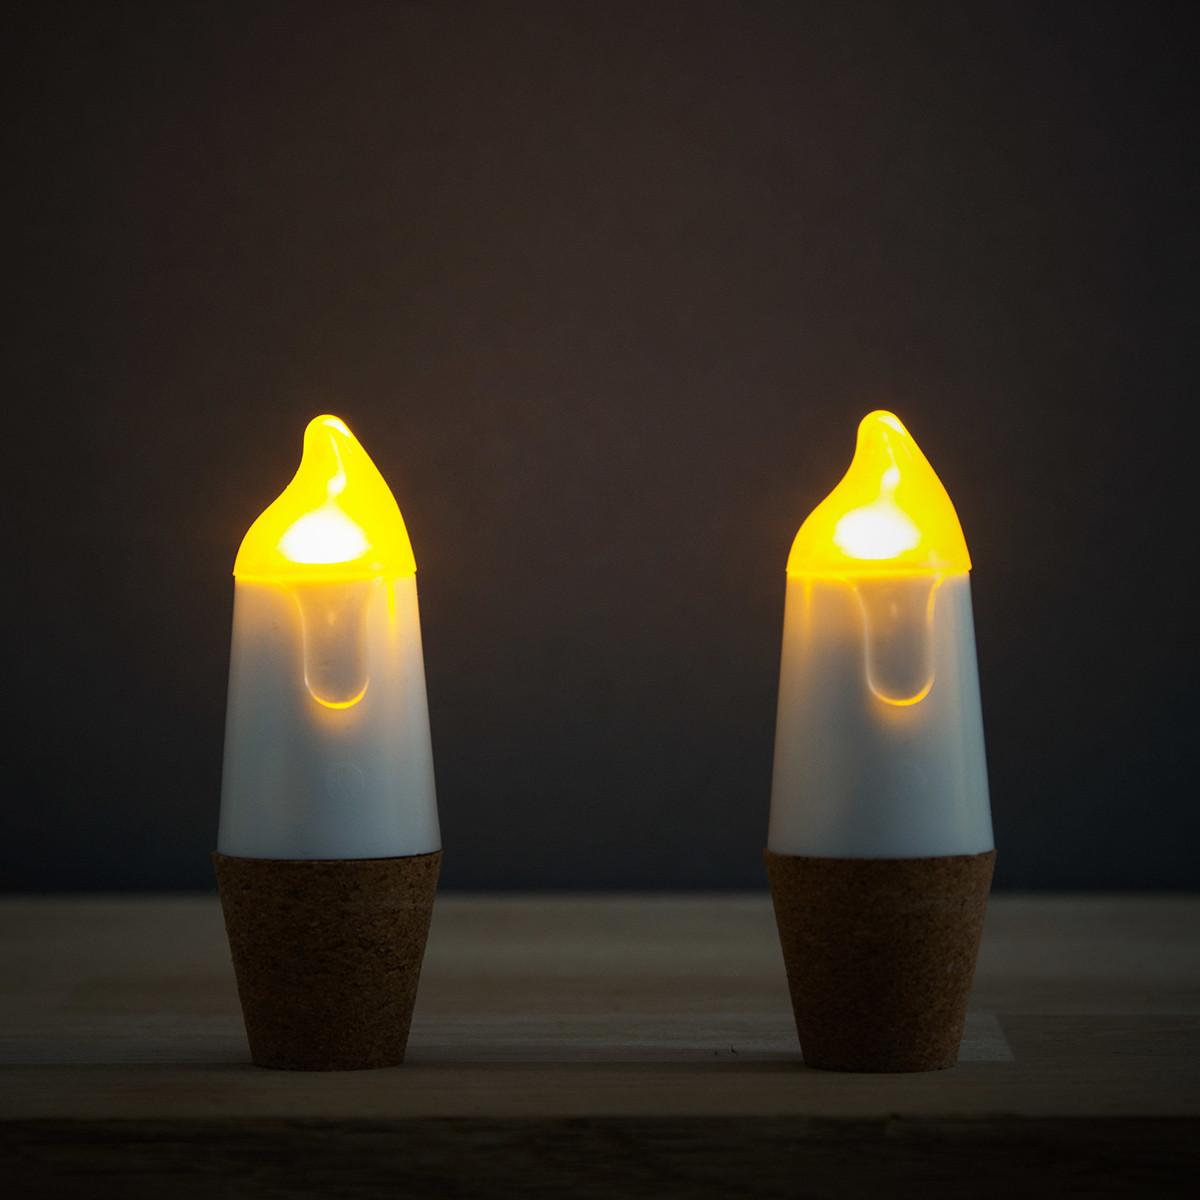 Suck Uk: Bottle Light Candle image